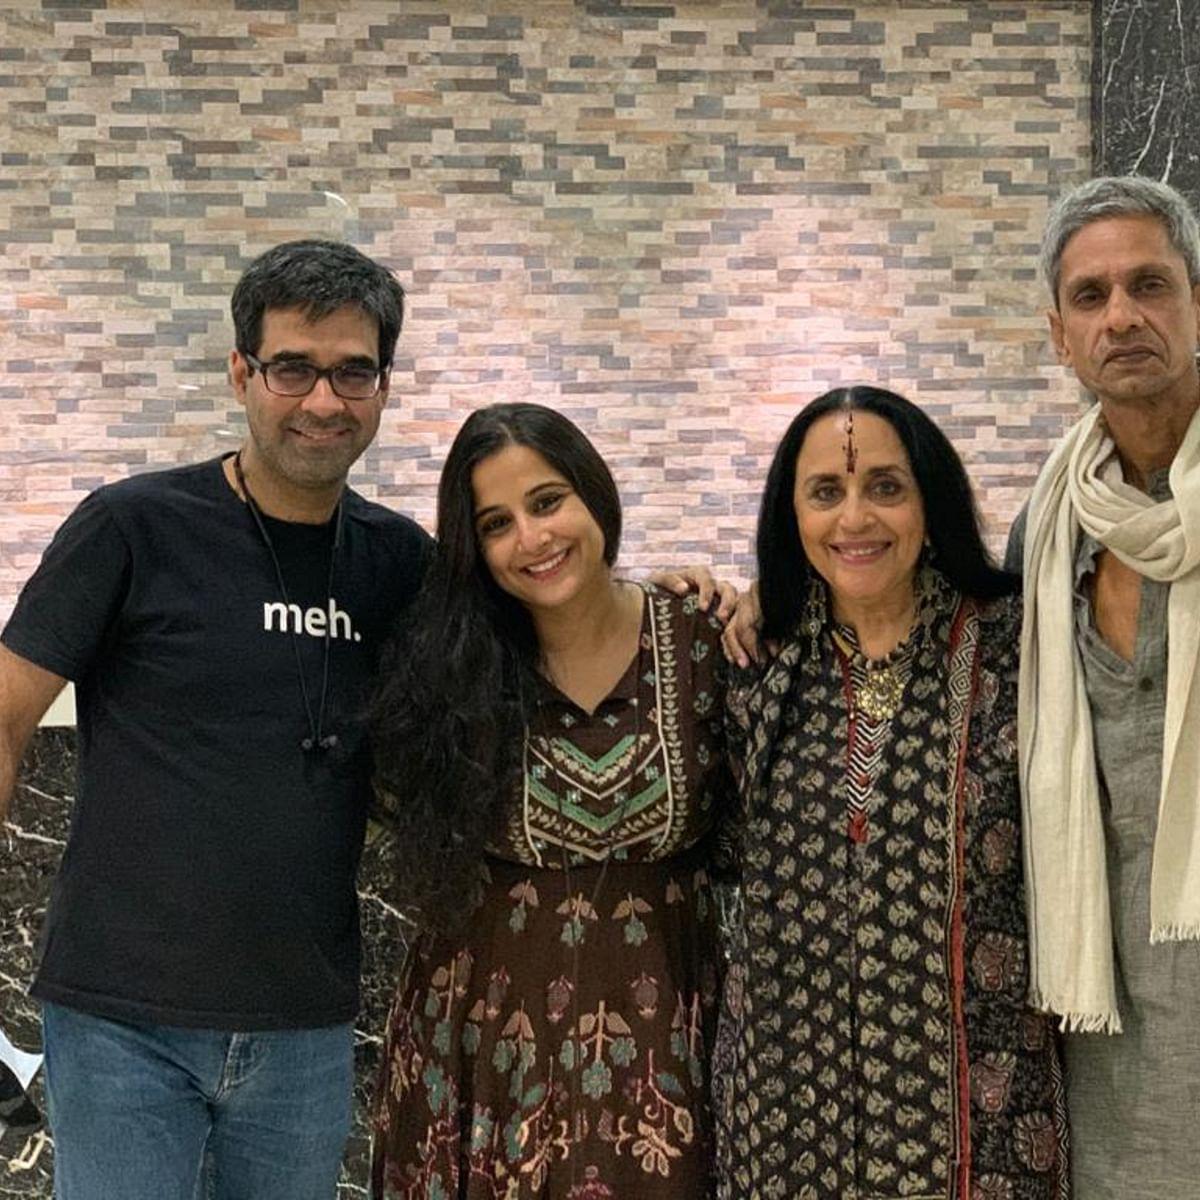 (L-R) Mukul Chadda, Vidya Balan, Ila Arun and Vijay Raaz